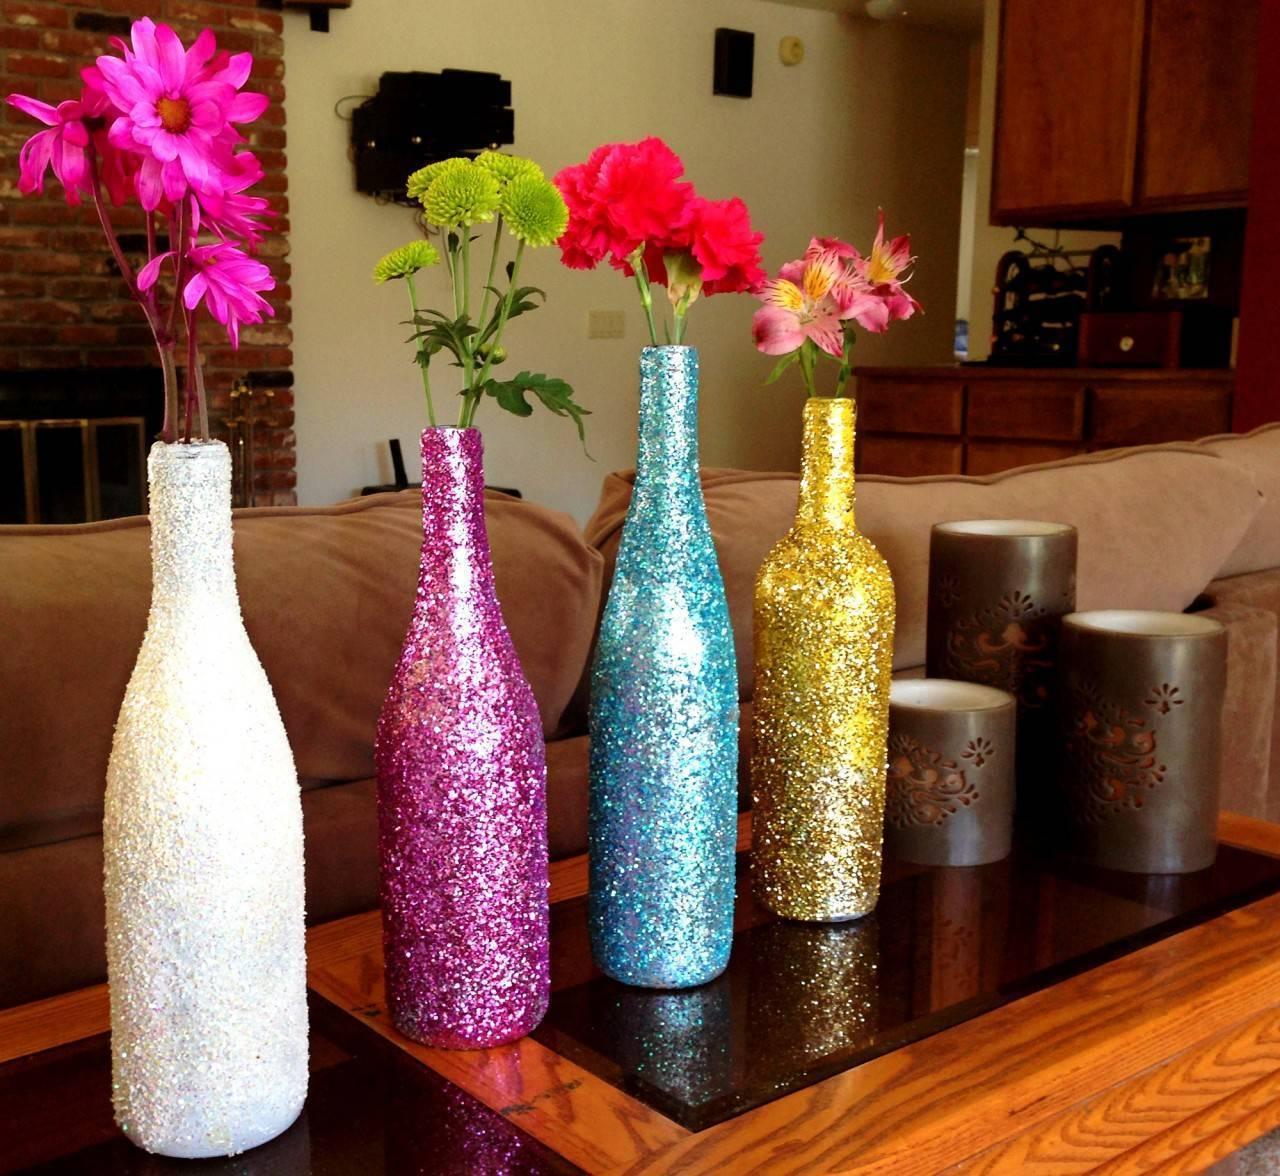 Как украсить шампанское на свадьбу своими руками: идеи и пошаговый мастер-класс